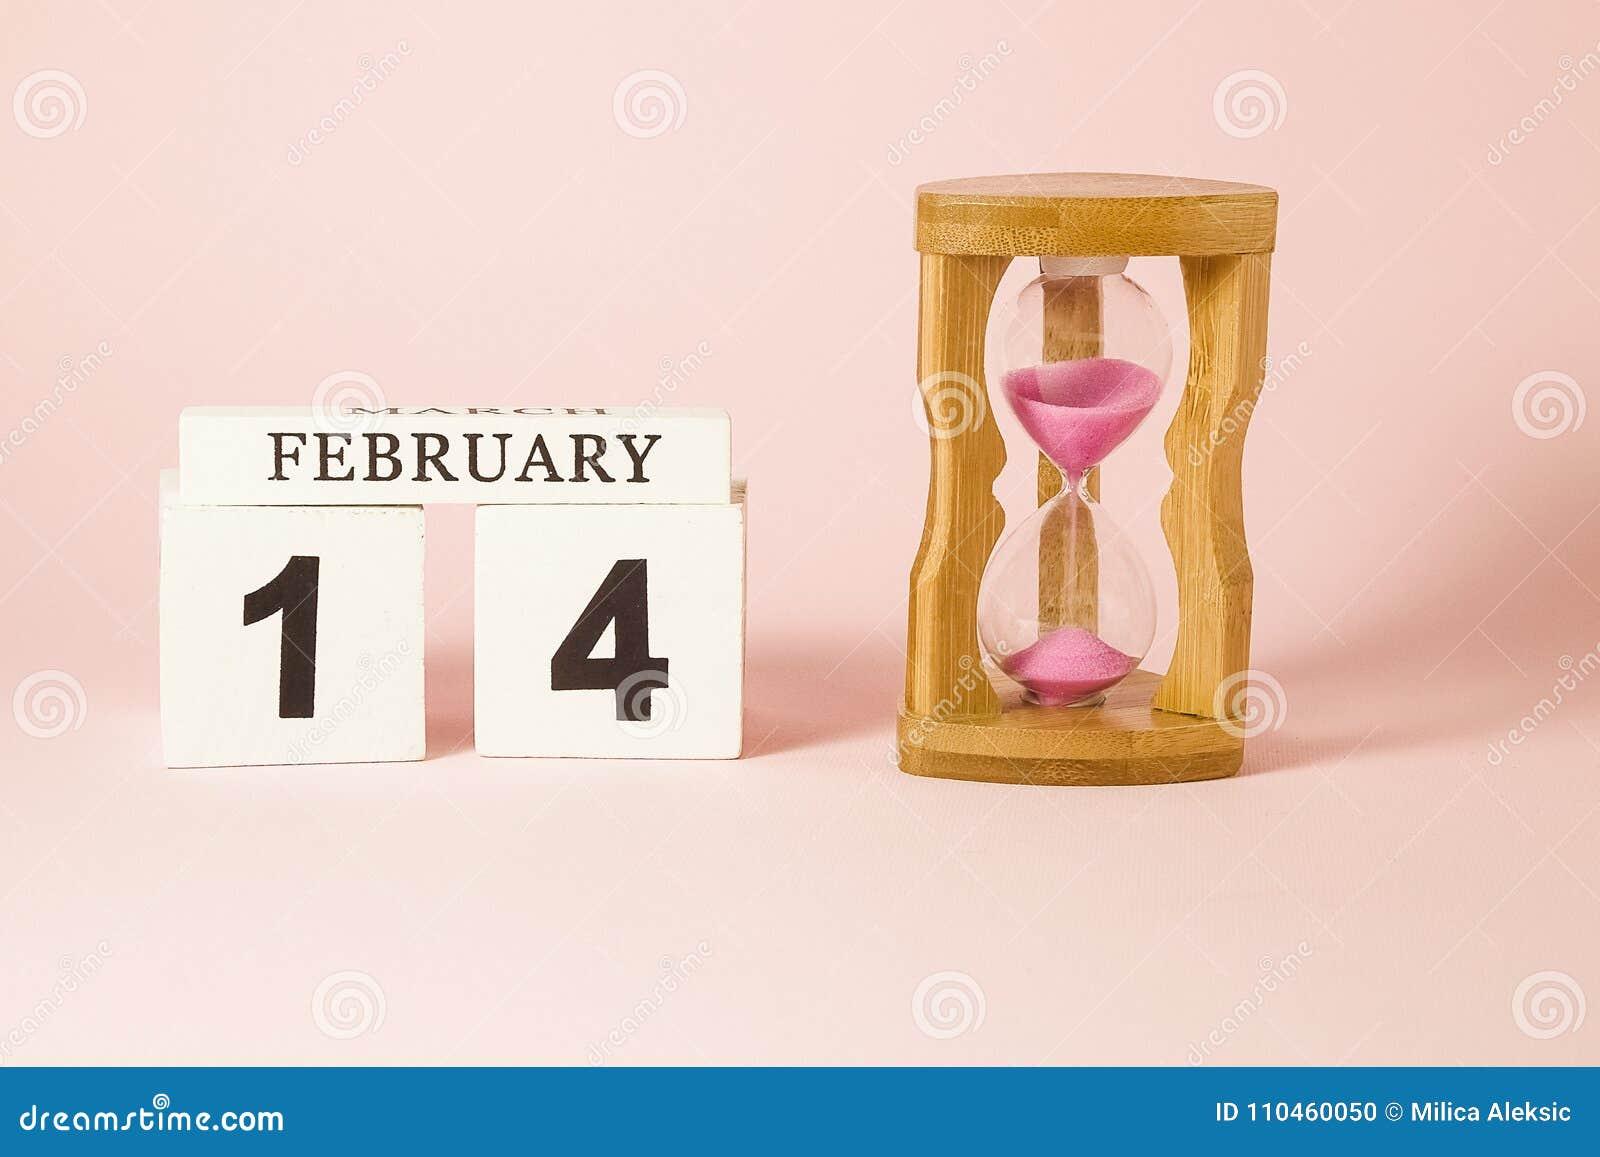 Träkalender- och timglasklockan påminner dig av tid